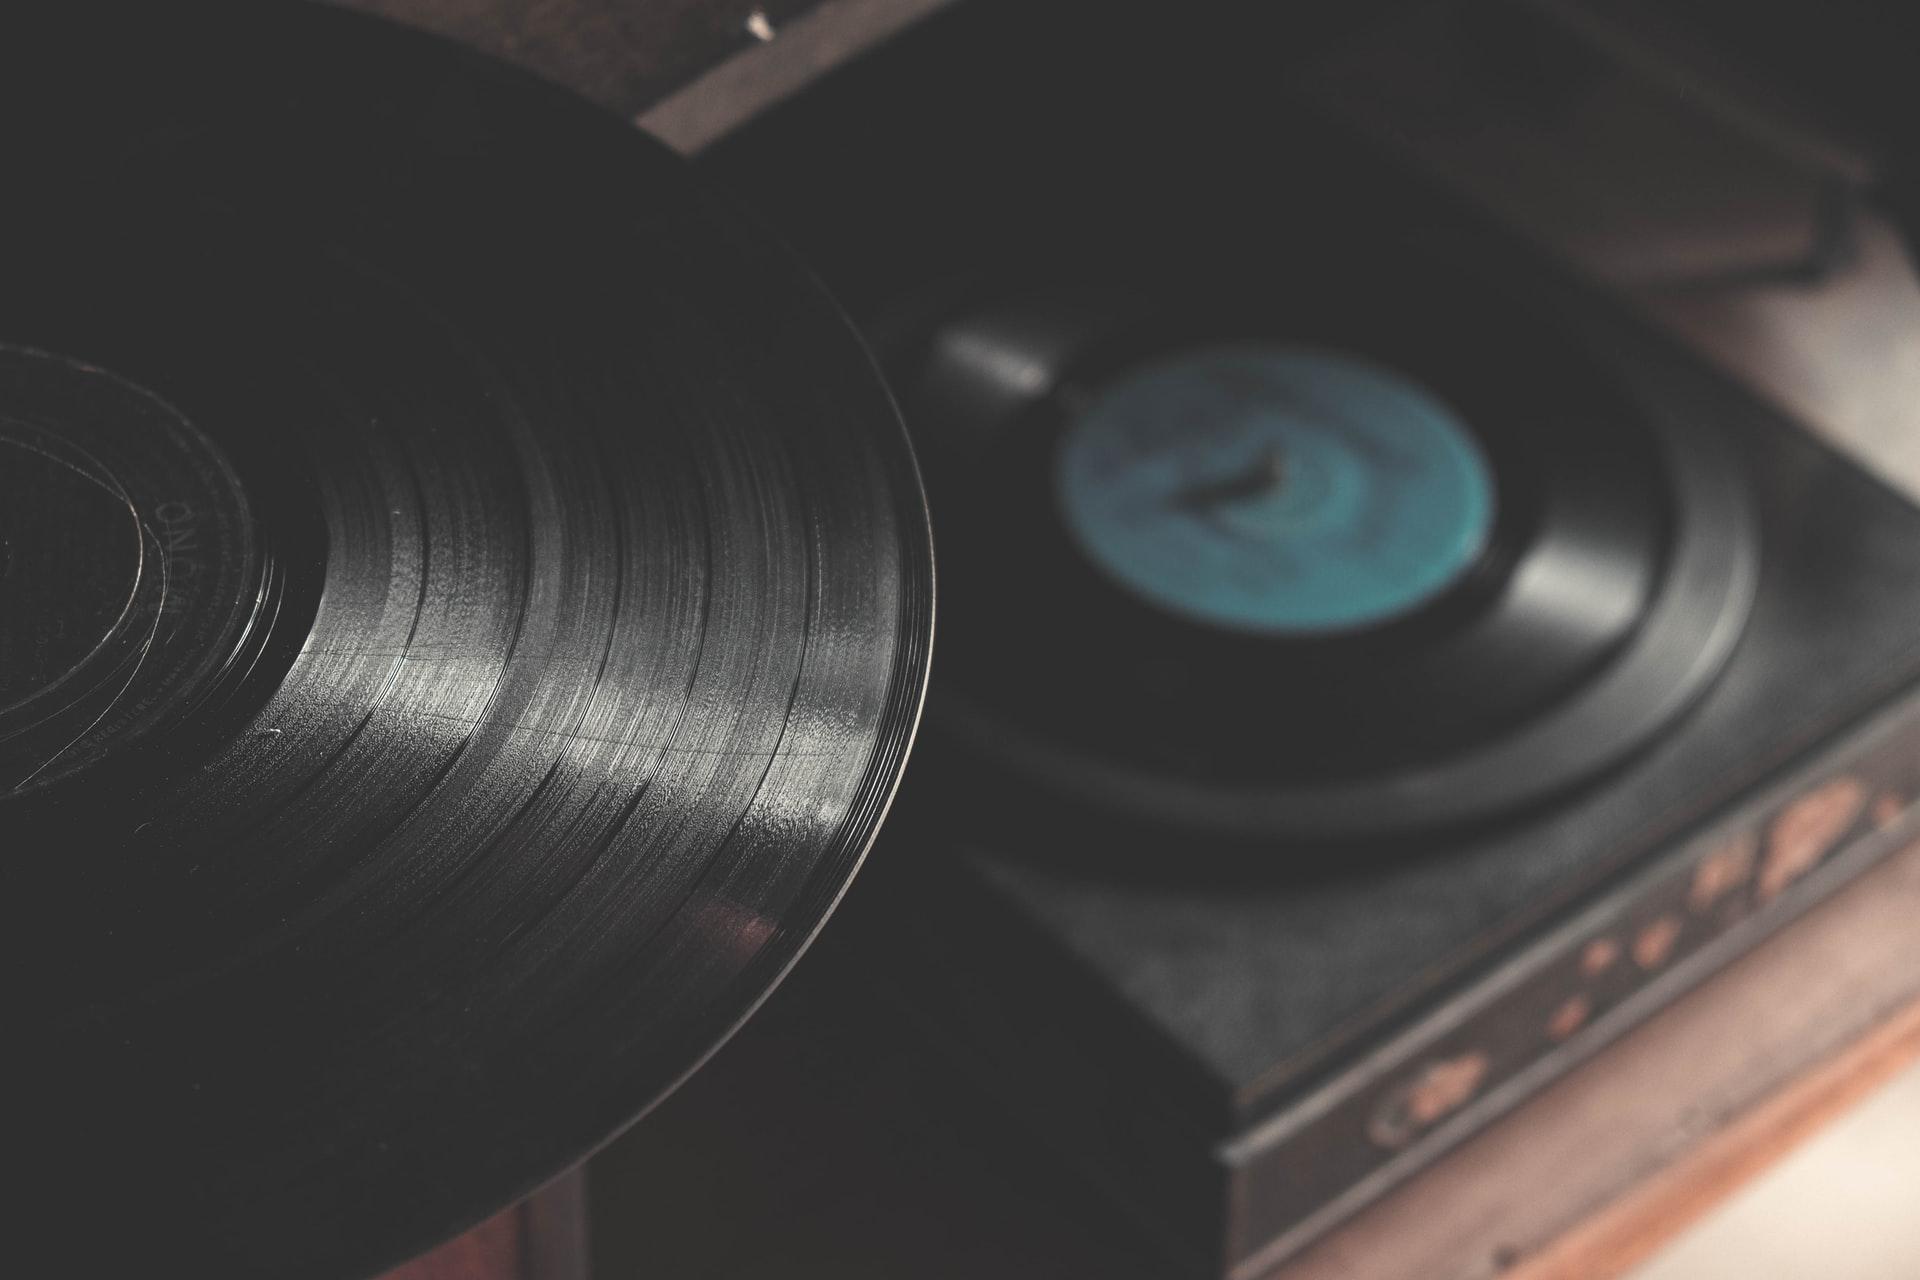 TESTE: De onde são estes ritmos musicais internacionais?